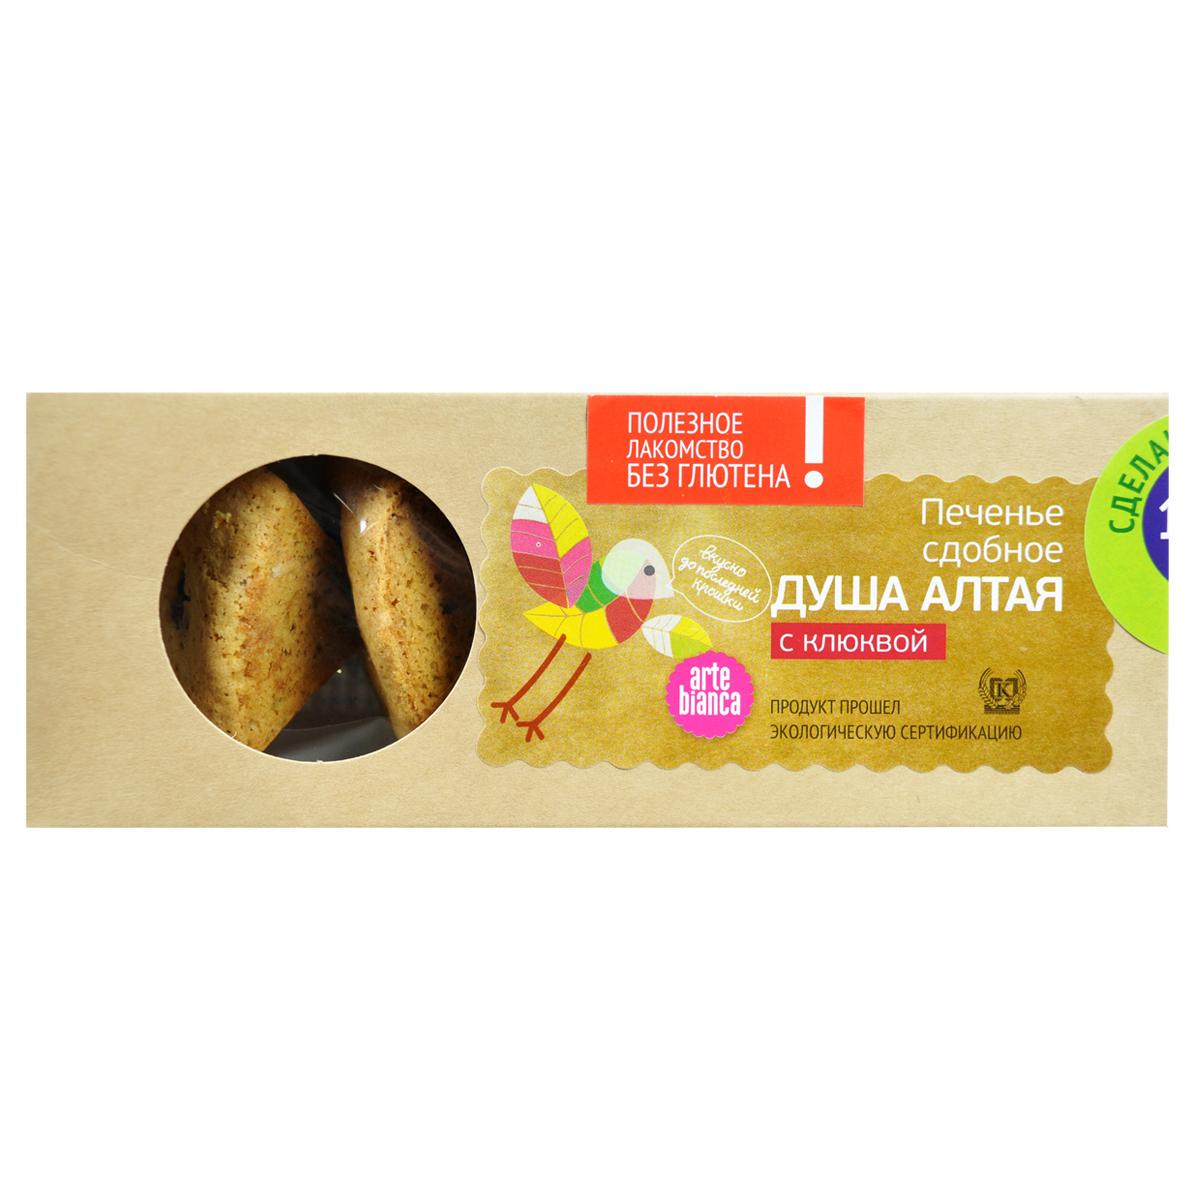 Печенье сдобное без глютена Душа Алтая с клюквой Arte Bianca 160